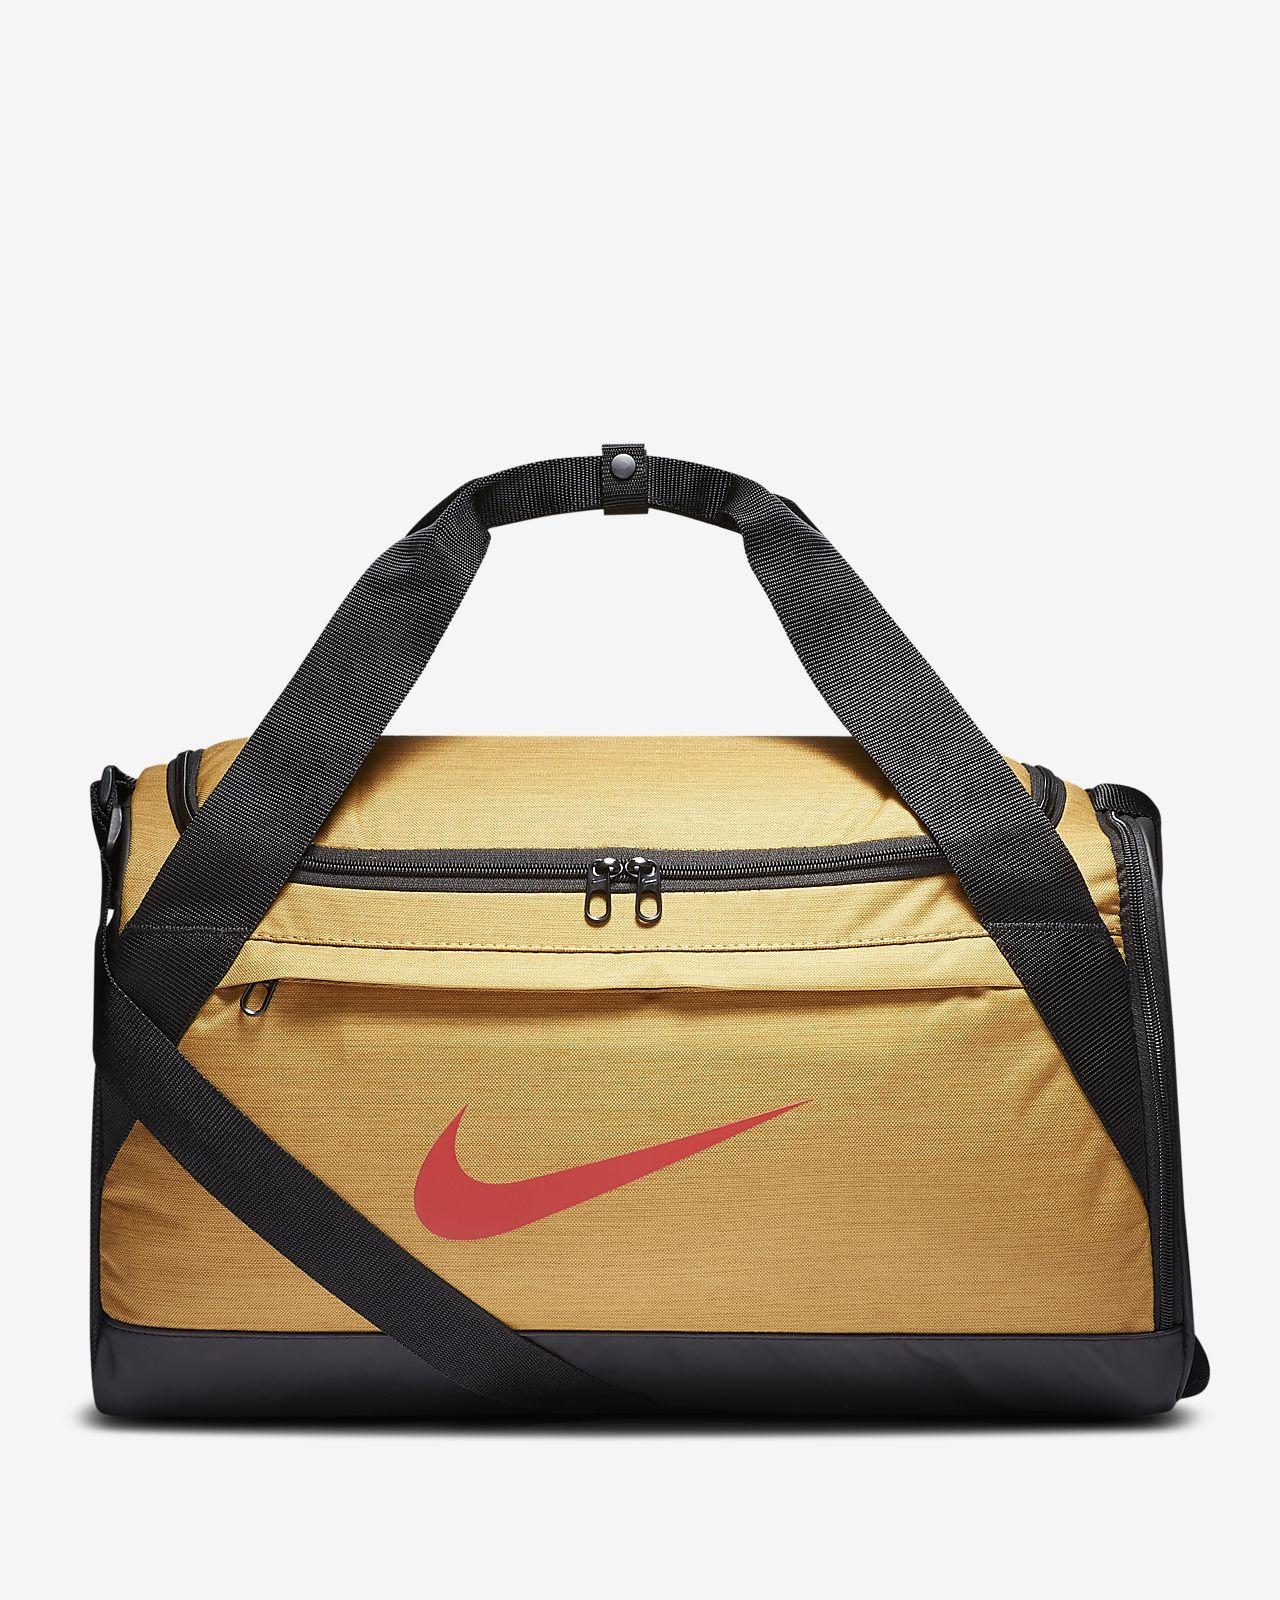 eb75f7bd8 Nike Brasilia Training Duffel Bag (Small). Nike.com SG